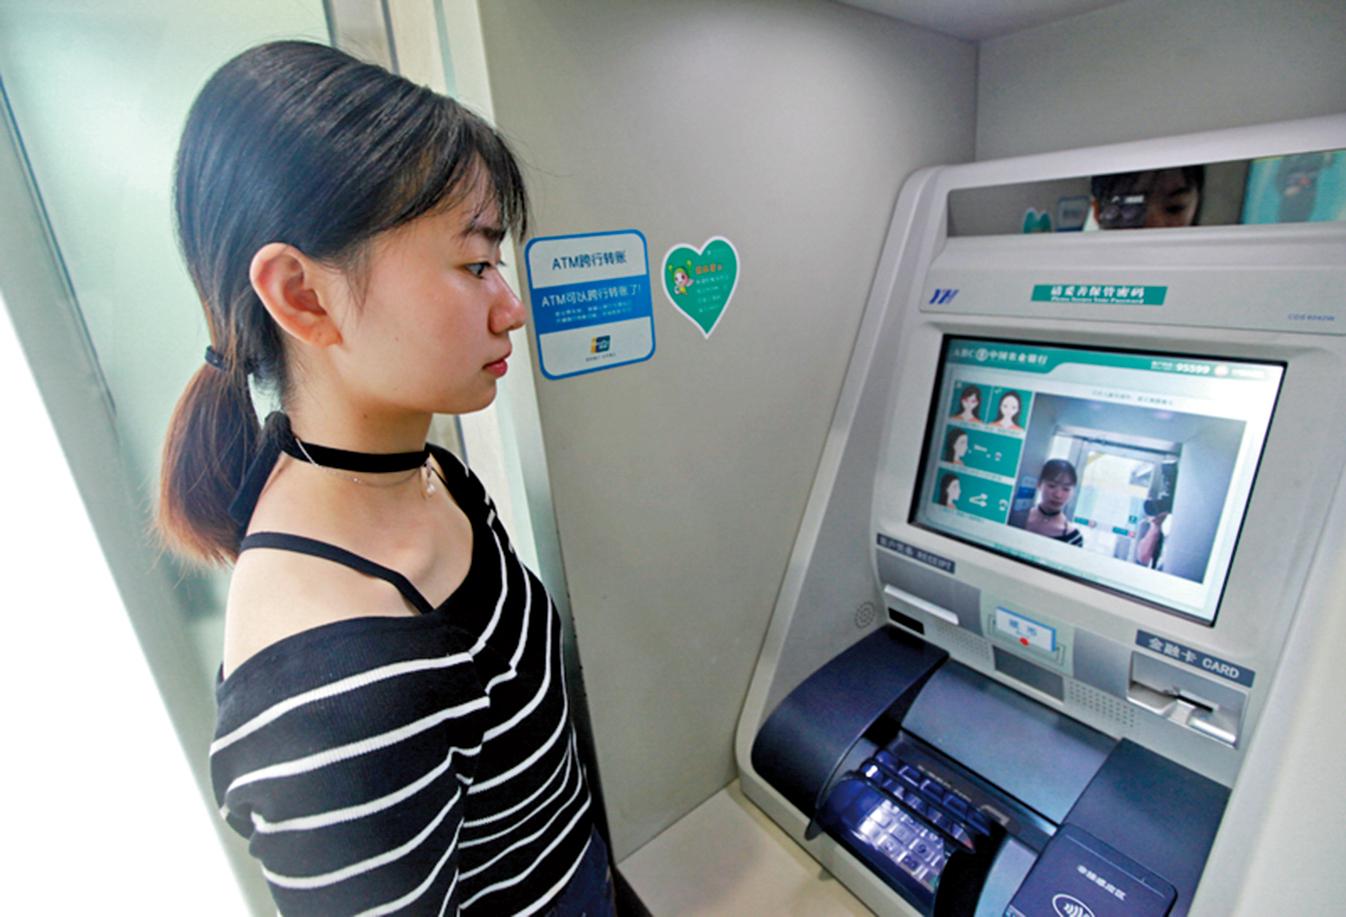 大陸農業銀行開始使用「刷臉取款」。圖為9月14日,浙江寧波鄞州區農業銀行ATM機「刷臉取款」。(大紀元資料室)